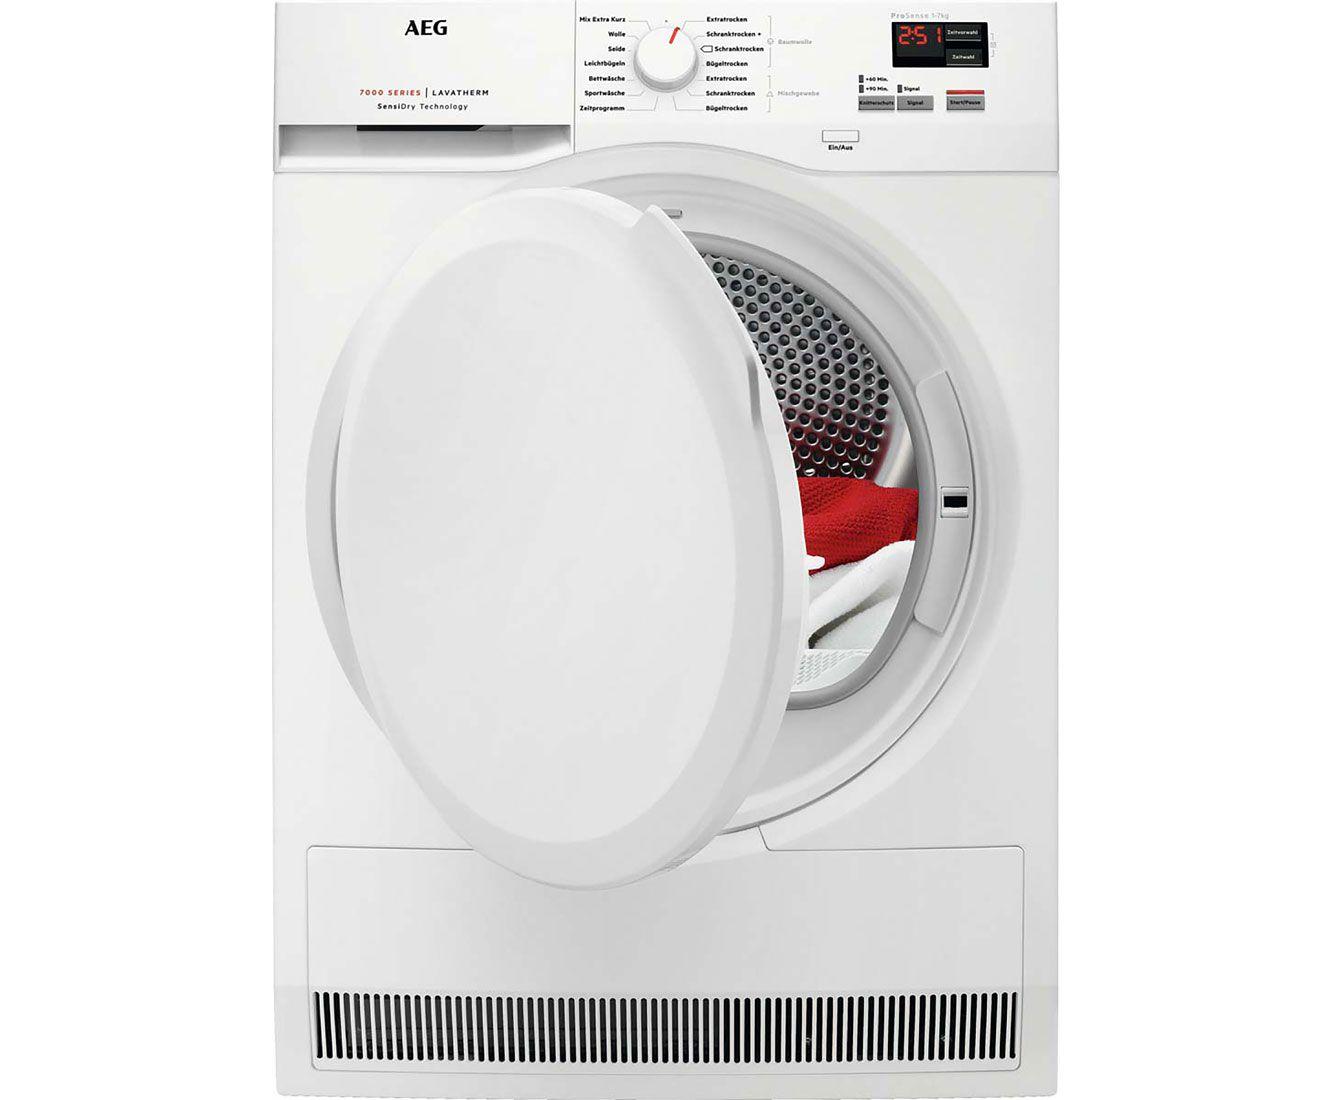 Aeg Lavatherm T7db40470 Warmepumpentrockner Weiss T7db40470 Waschm Warmepumpentrockner Waschmaschine Trockner Auf Waschmaschine